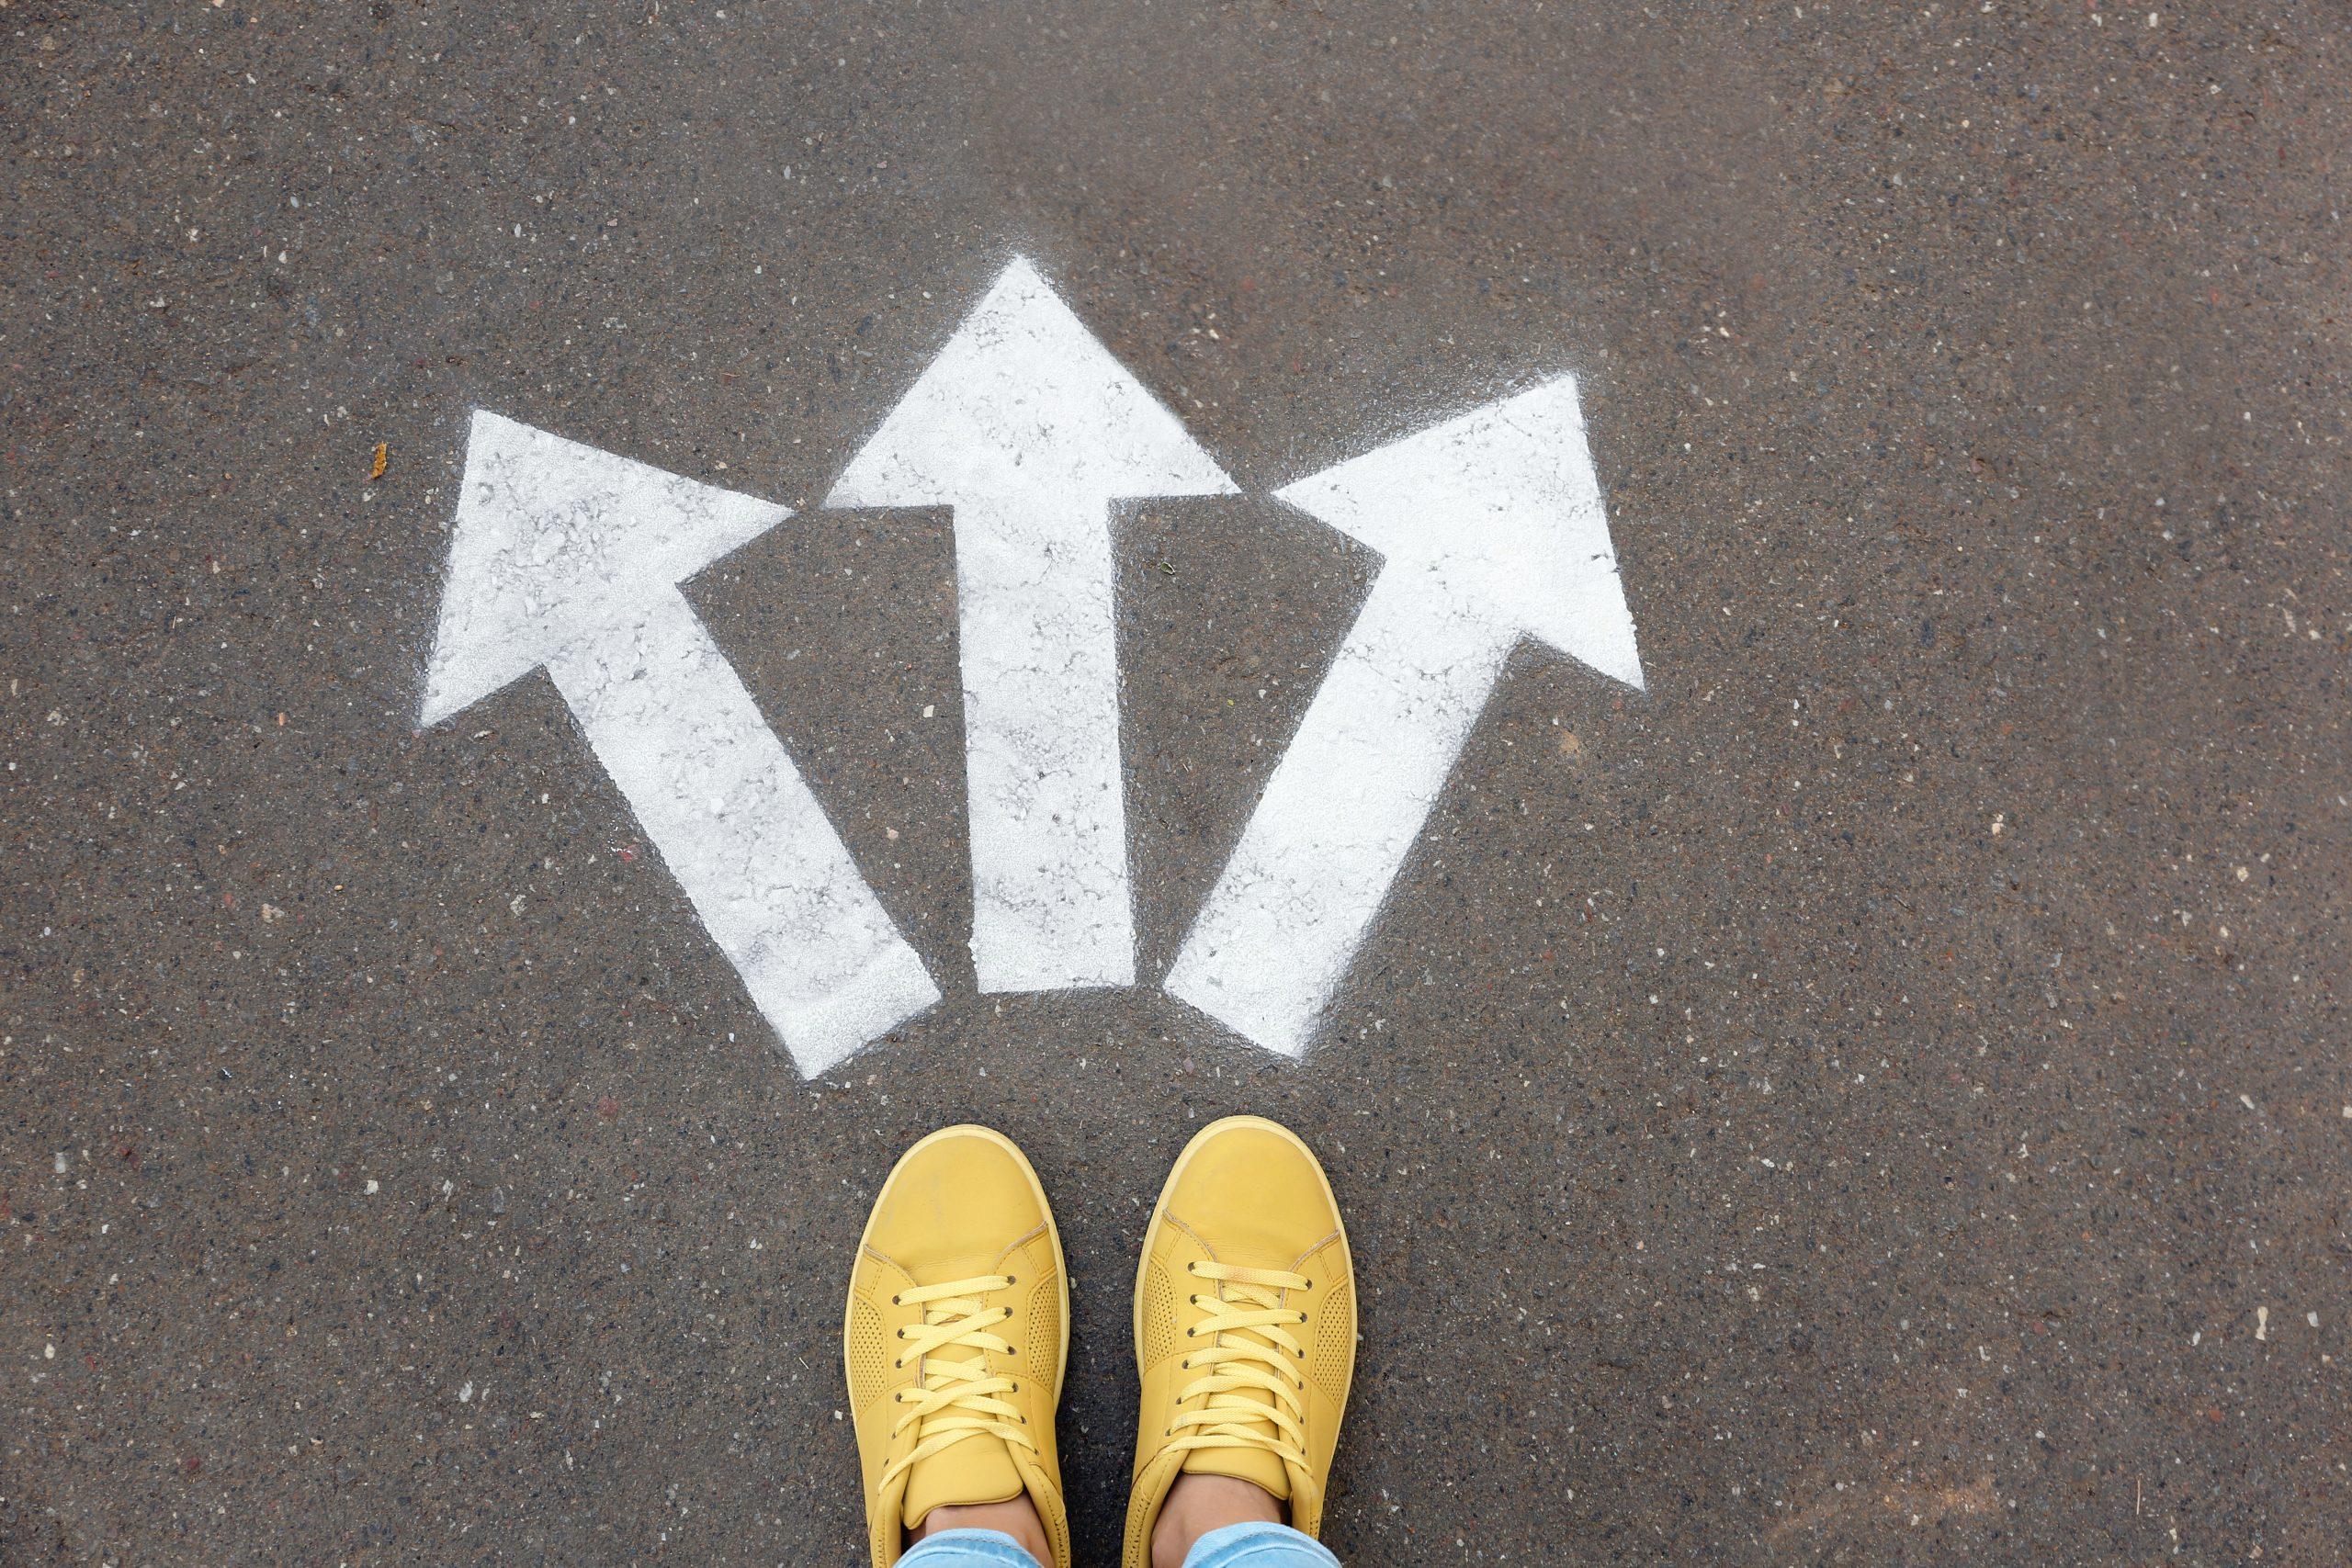 Produto, Comunicação e Marketing: um guia (nada definitivo) da transição de carreira